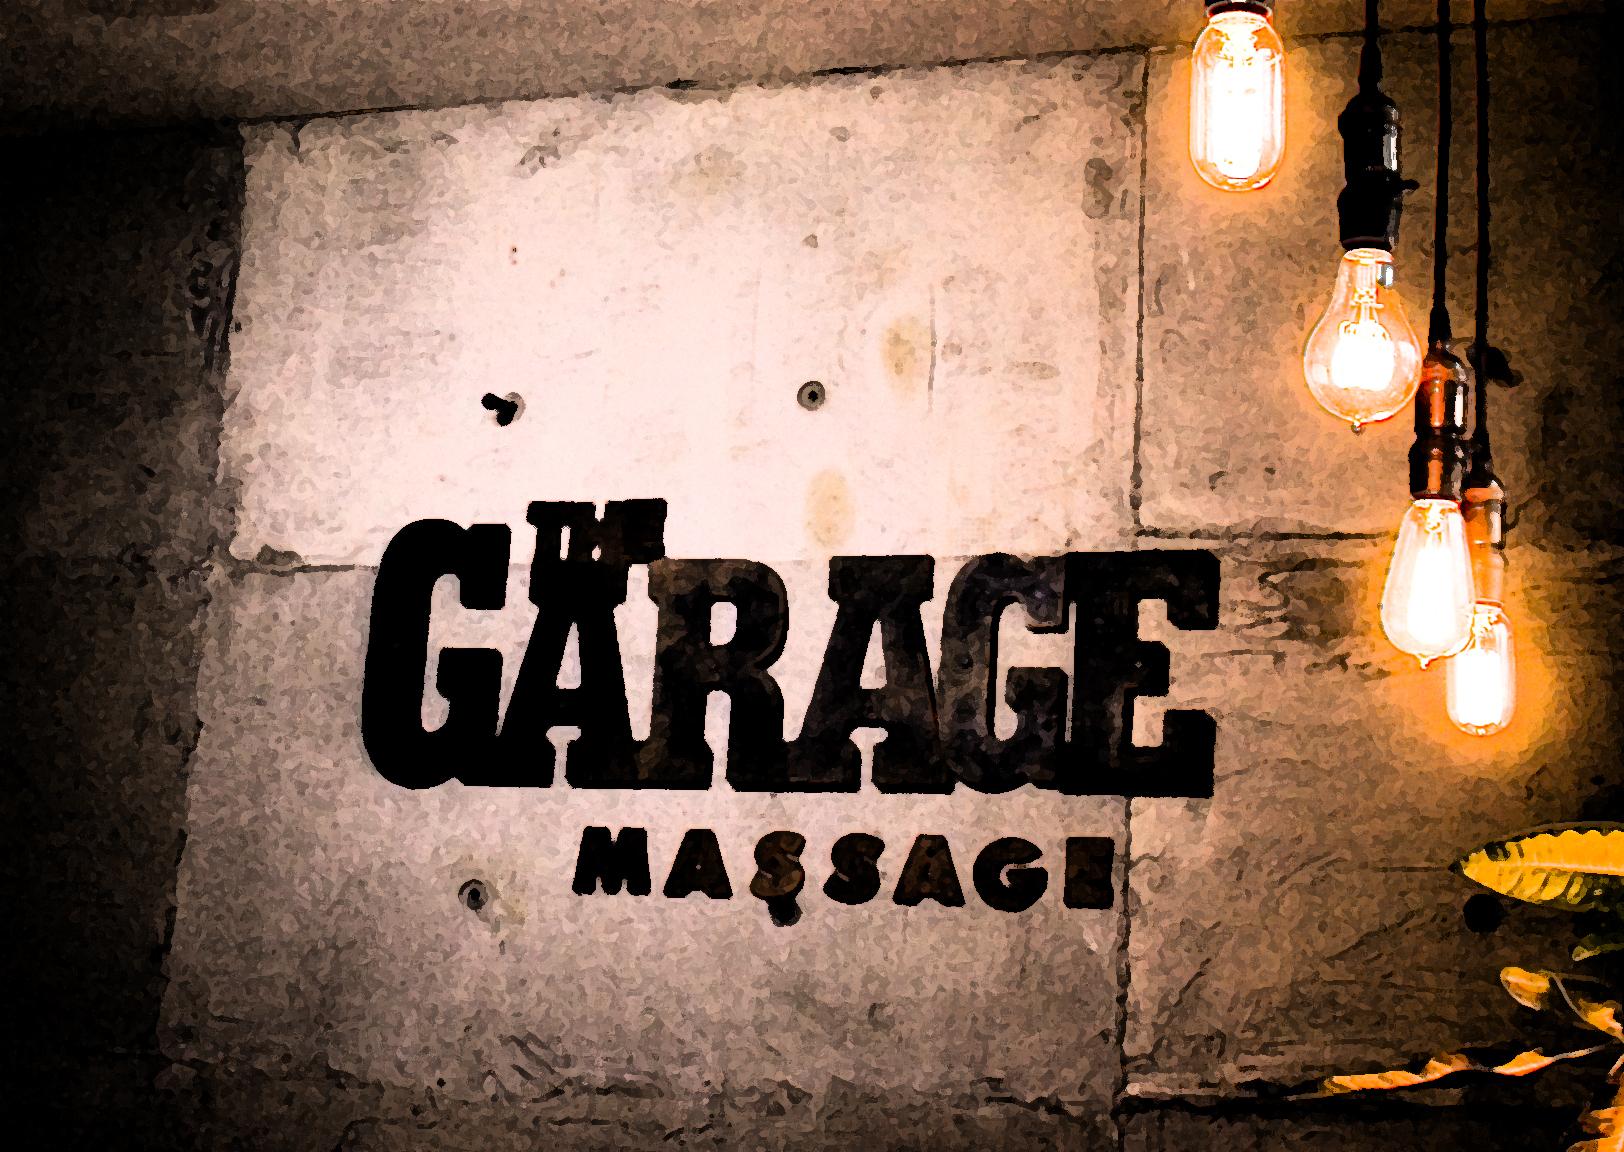 T he Garage Massage